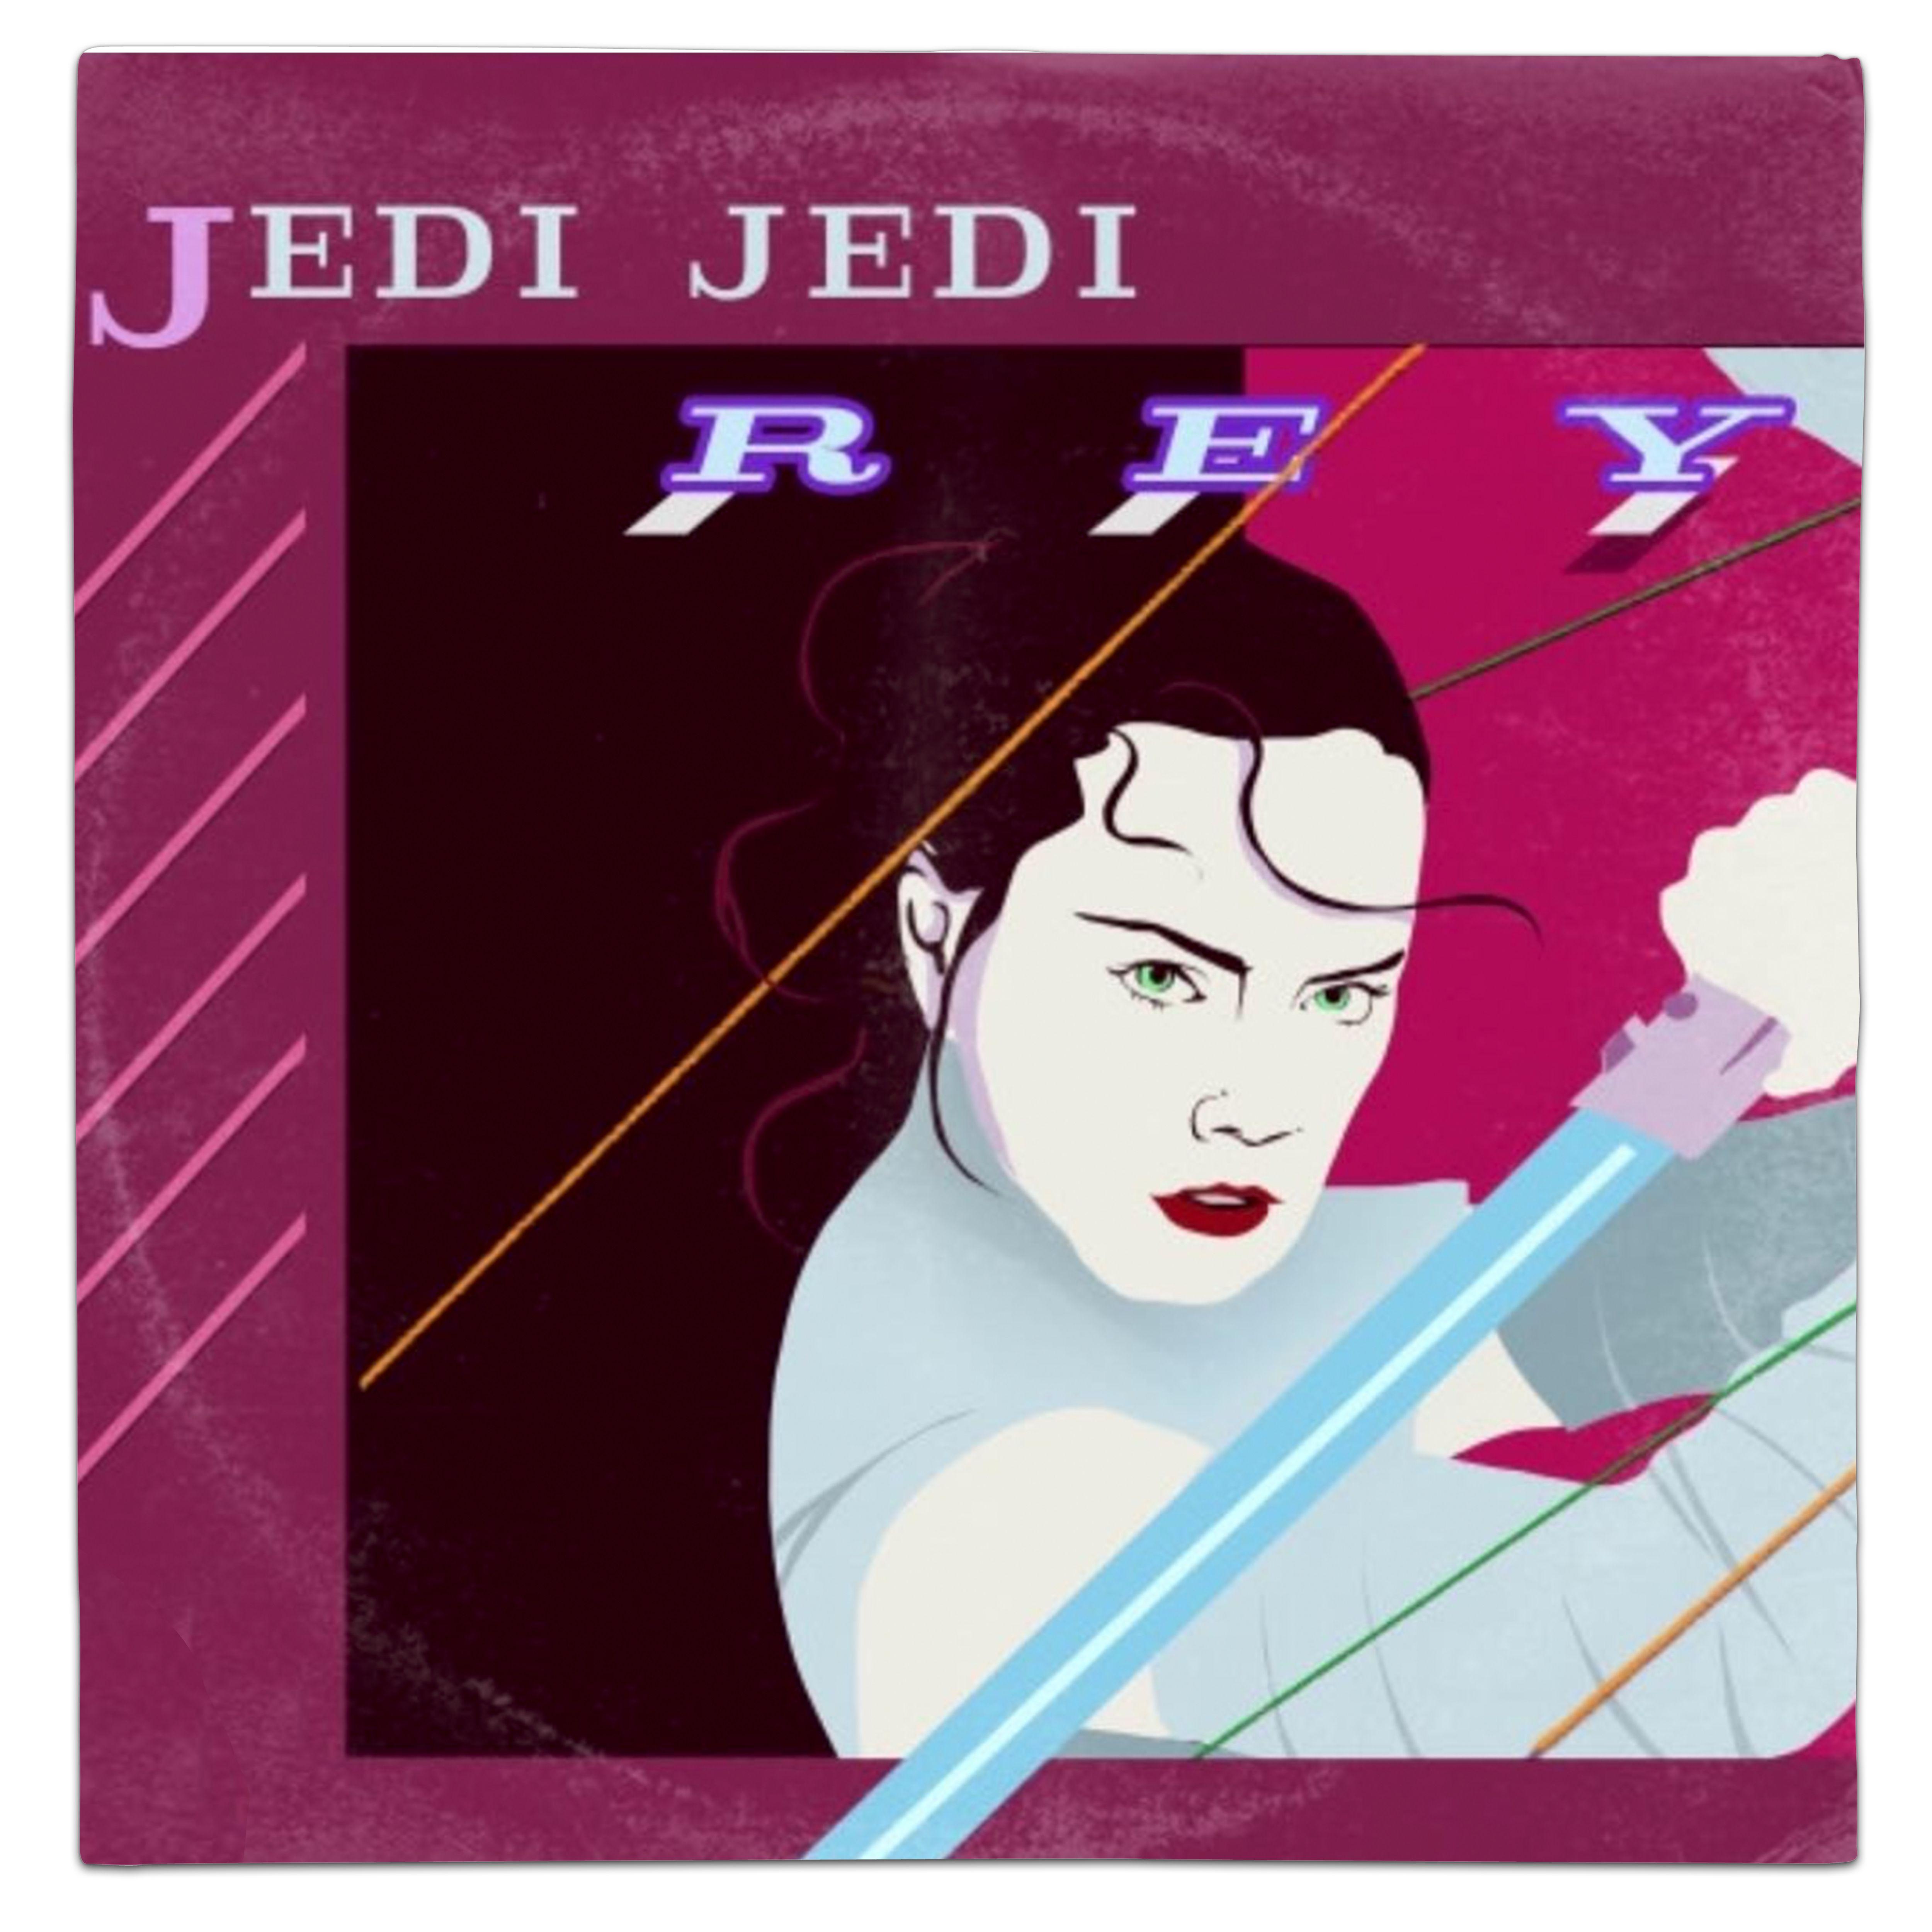 Duran Duran Rio Star Wars Last Jedi Rey Vinyl Mash Up